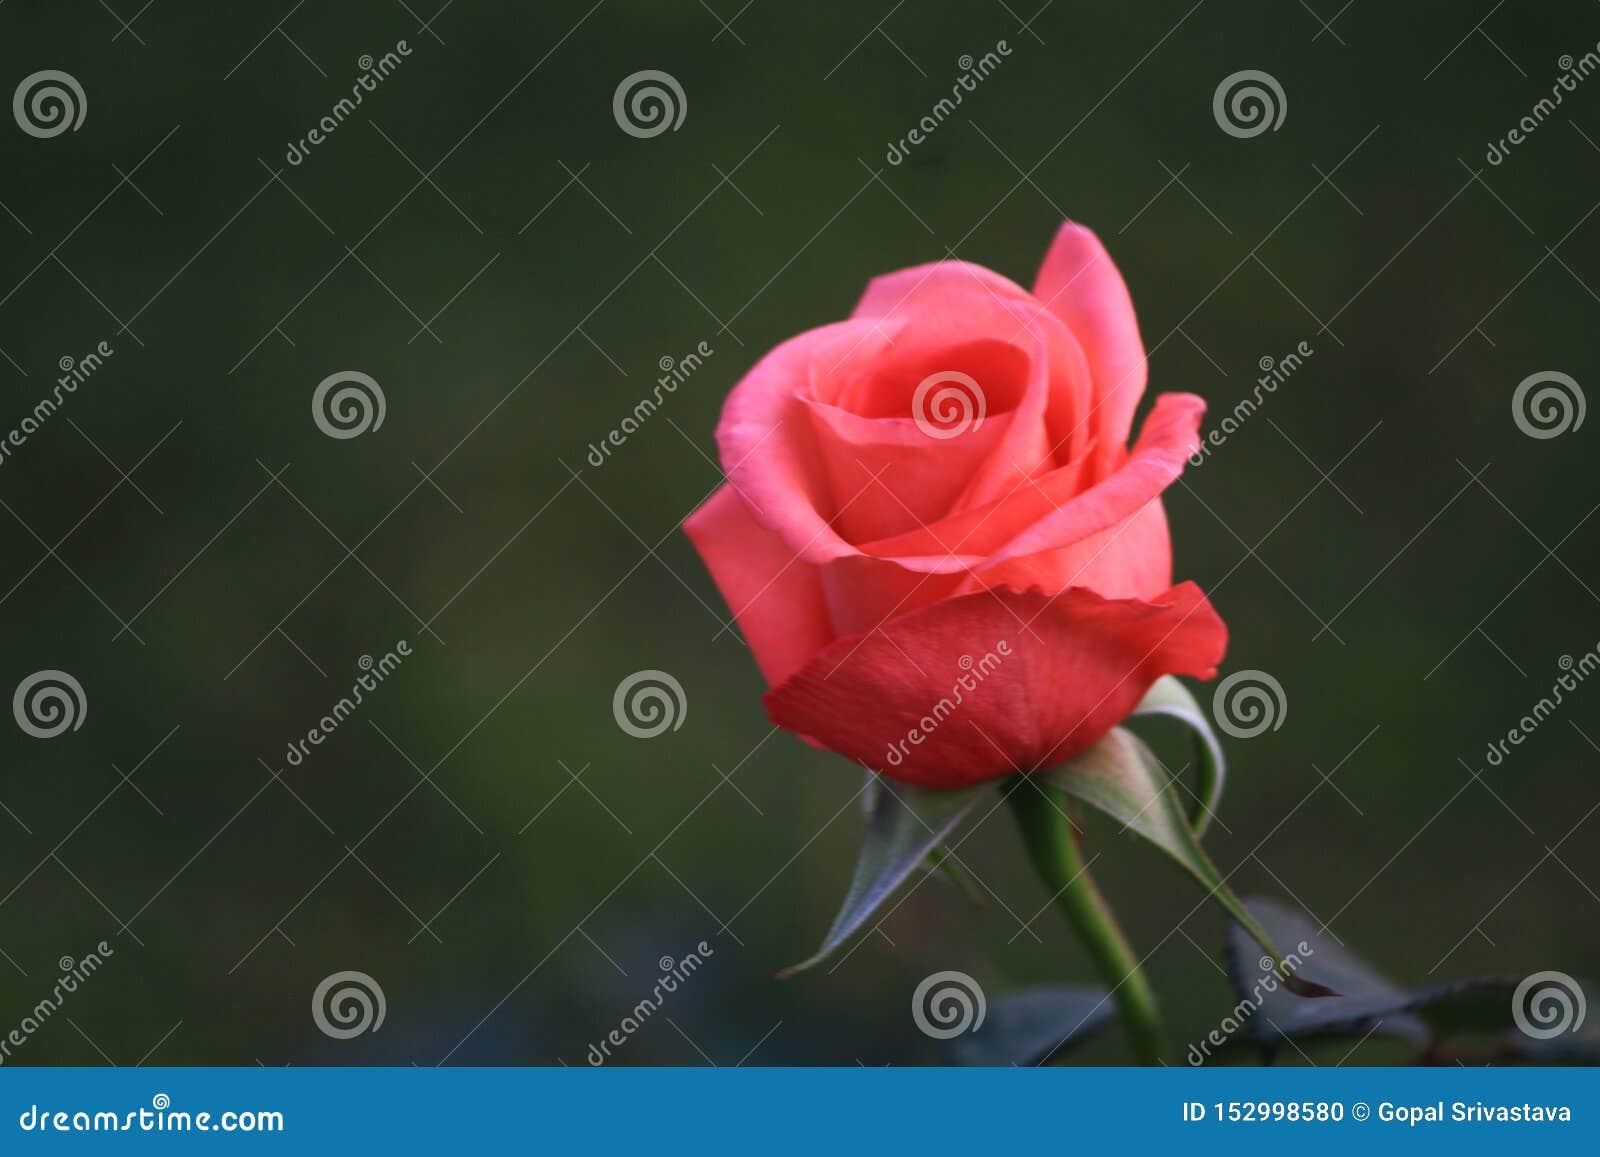 准备好另一美丽的玫瑰色的芽开花